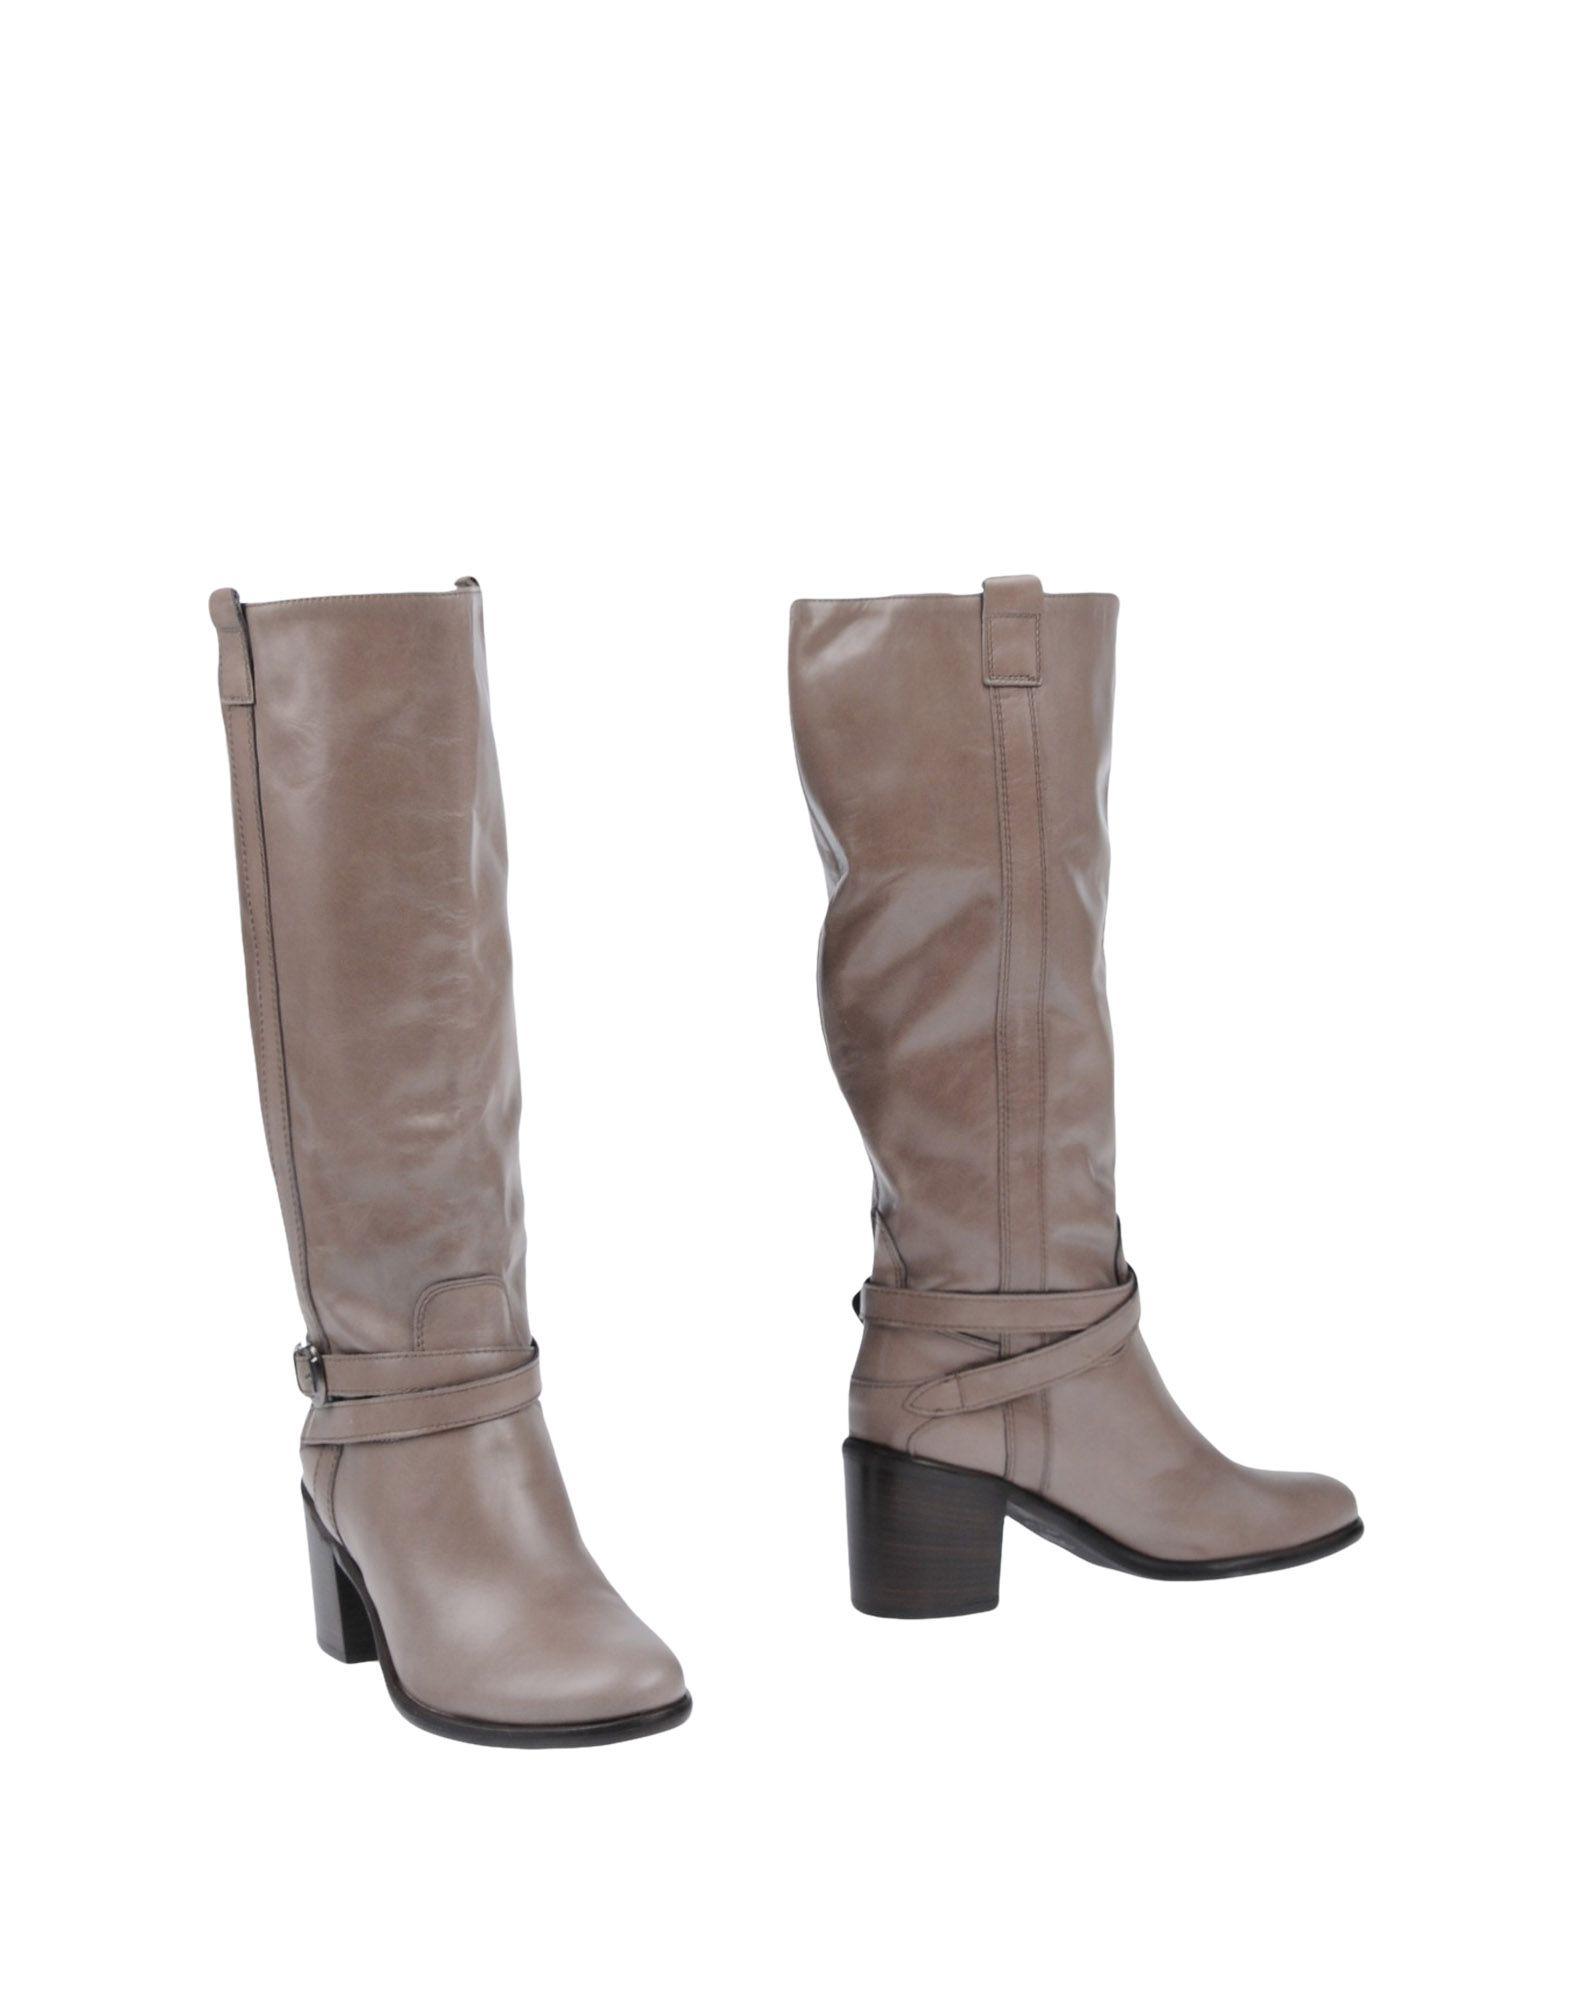 Caroll Stiefel Damen  11457992TI Gute Qualität beliebte Schuhe